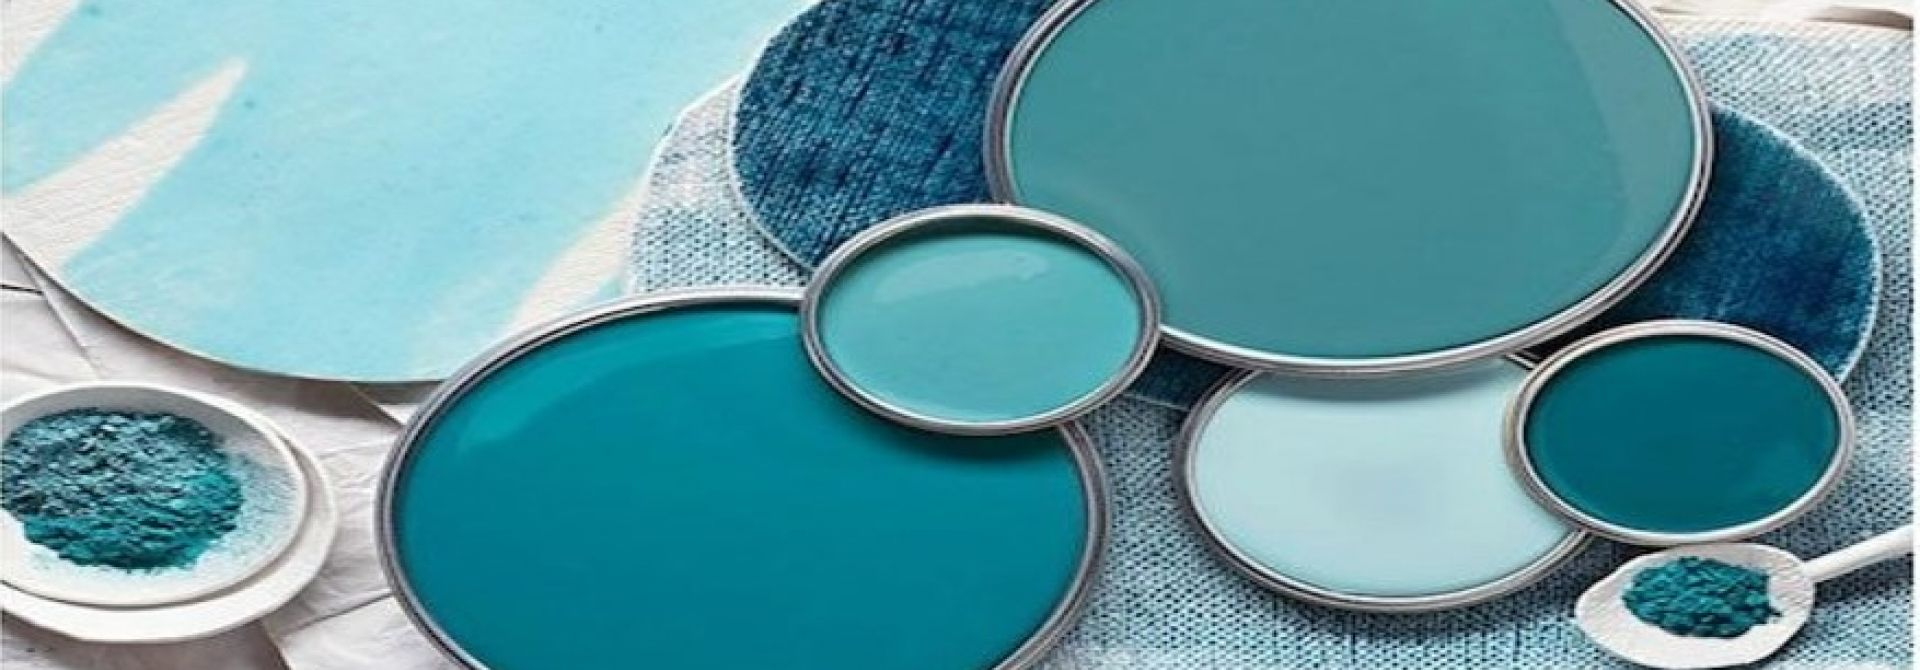 Les couleurs d\'ambiance et psychologie : Le bleu | Blog SIMON